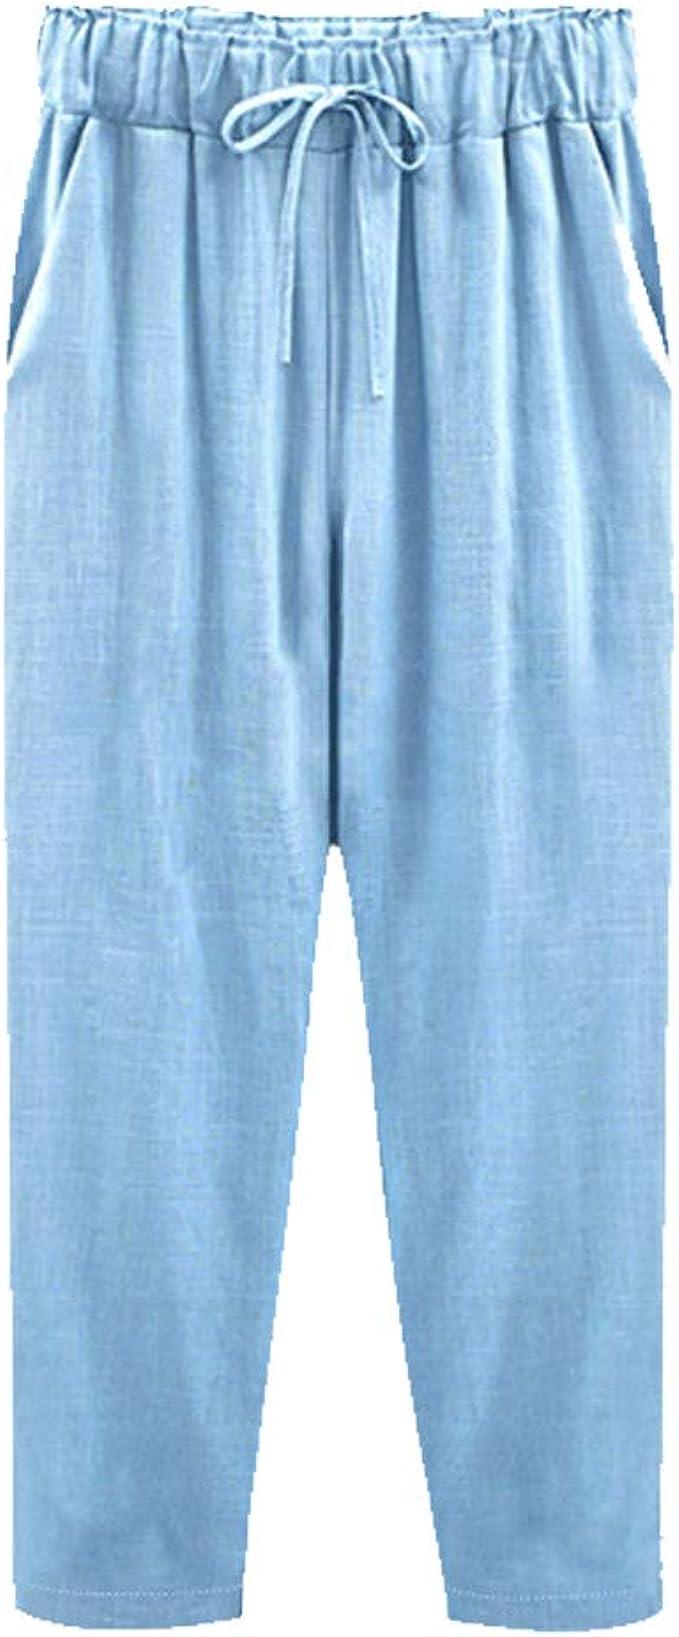 Donna Pantaloncini JERSEY DONNA RAGAZZA COTONE COMFORT CASUAL Vacanze Estate Spiaggia Pantaloni